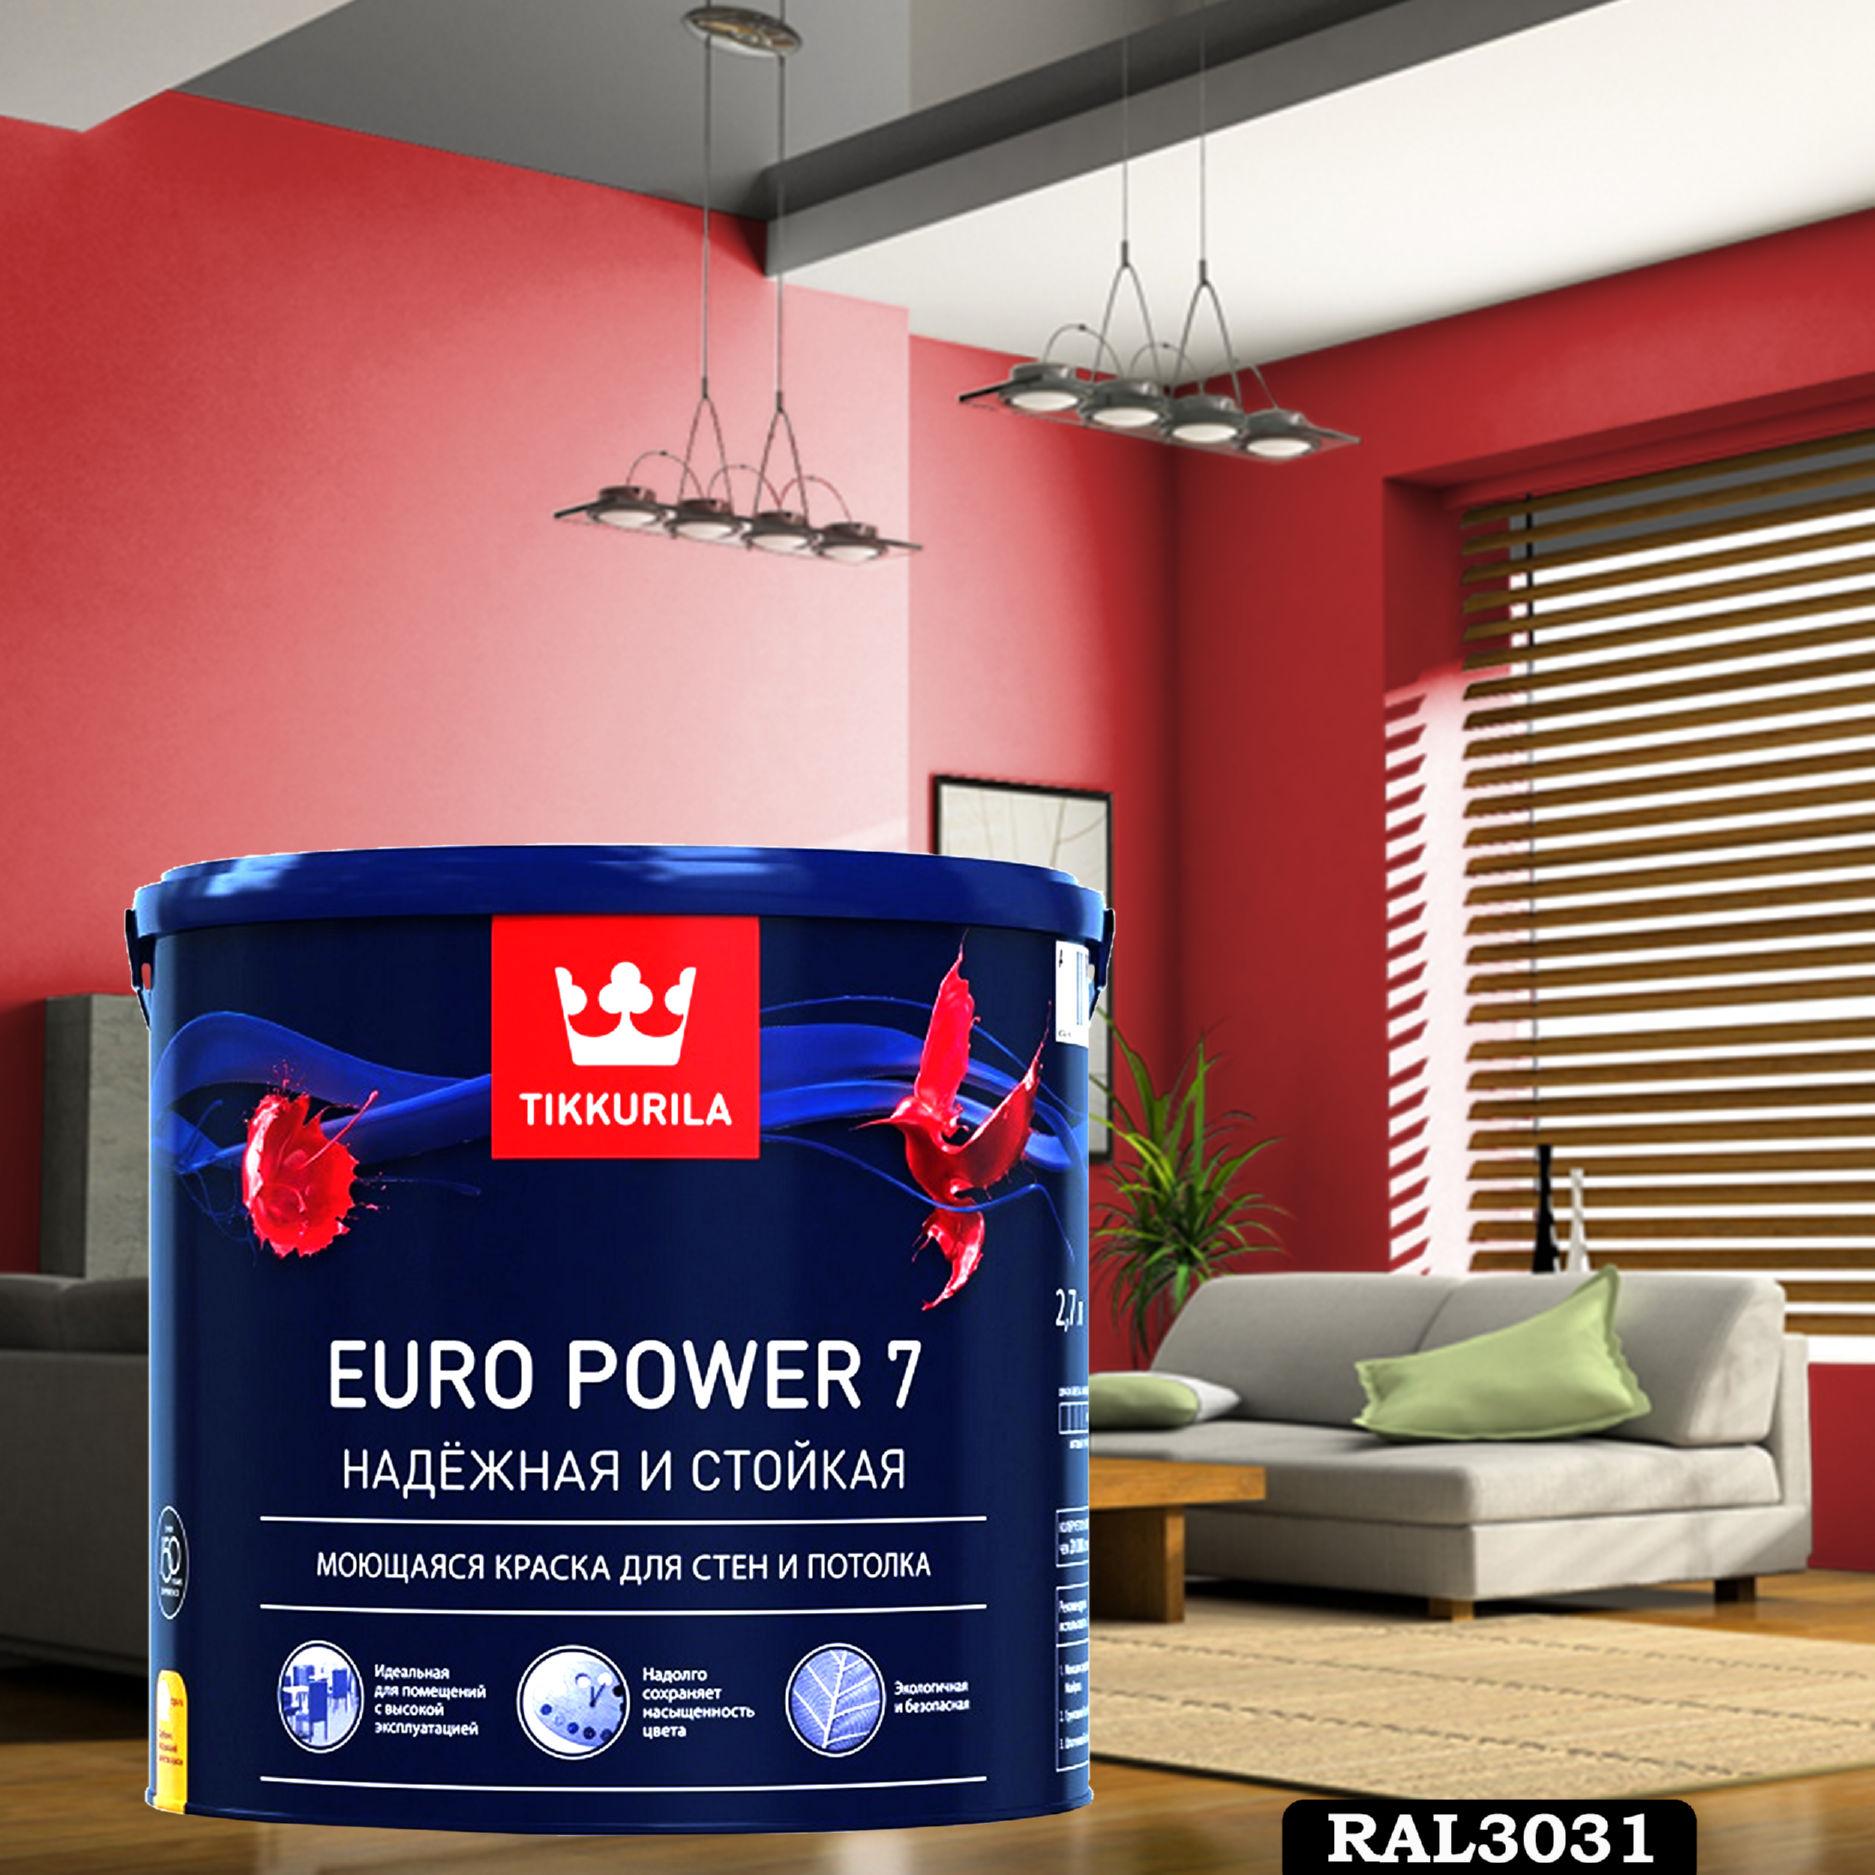 Фото 21 - Краска TIKKURILA Euro Power 7,  RAL 3031 Красный-ориент, латексная моющаяся матовая интерьерная, 9 л.